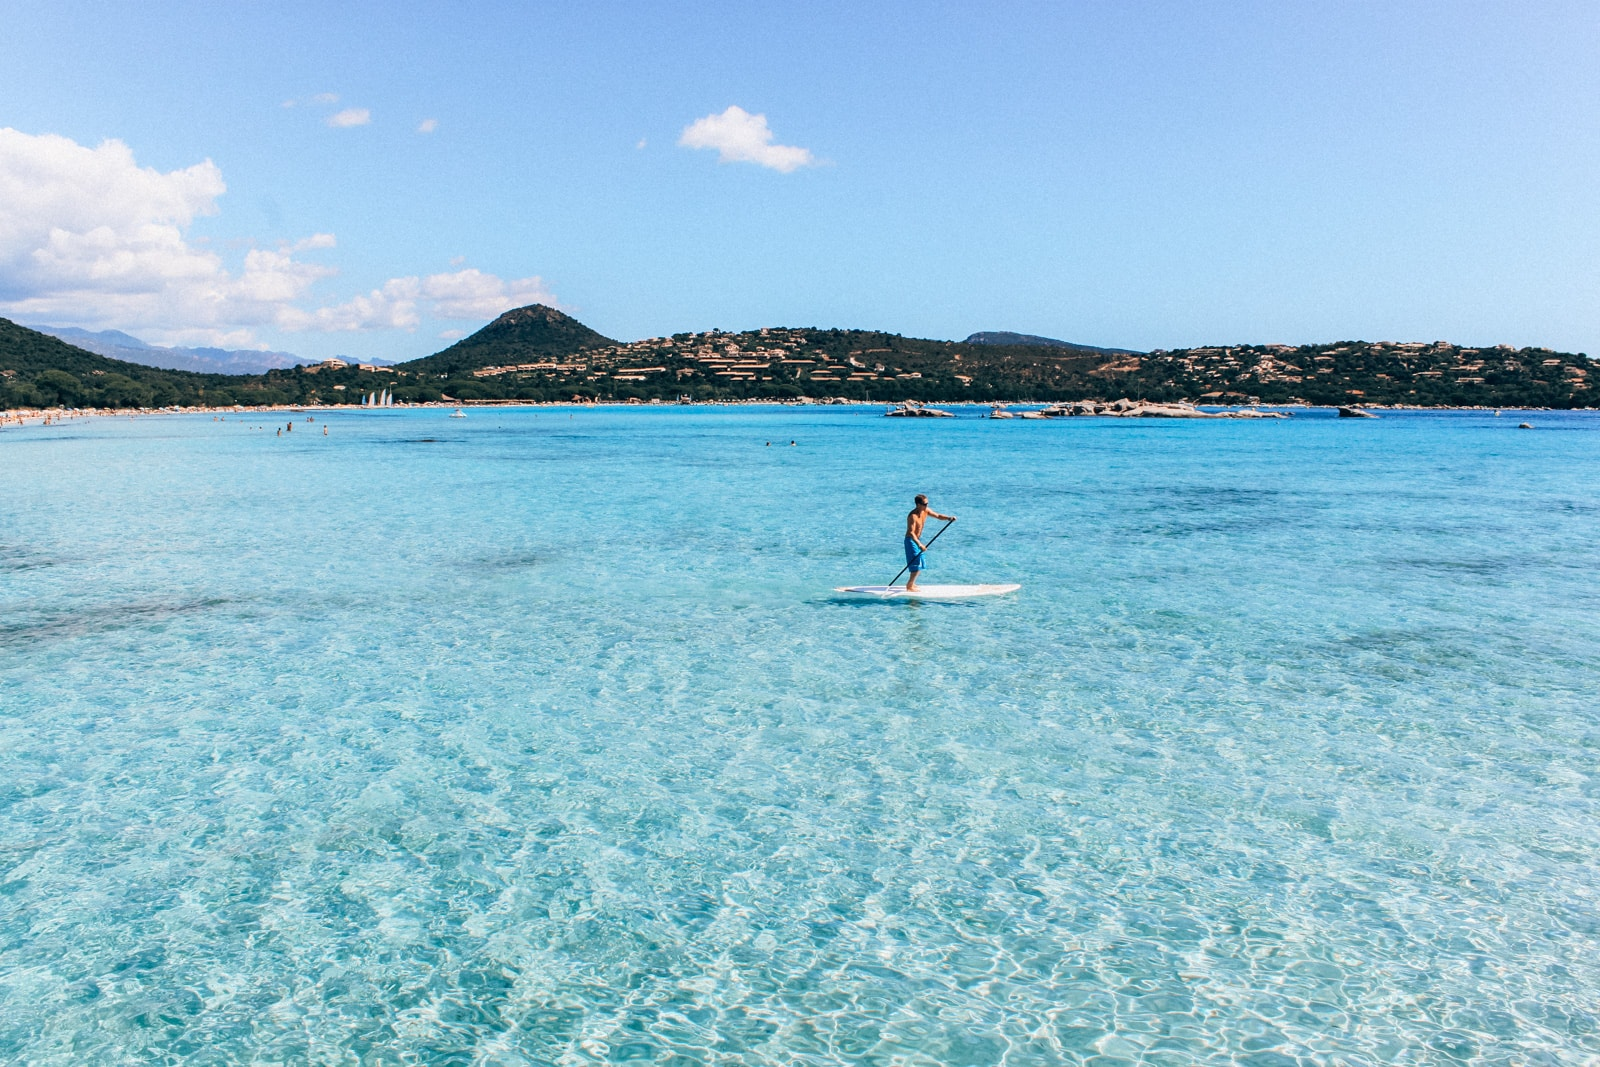 IMG 2171 - Corse du sud : Mes conseils, choses à voir, adresses...